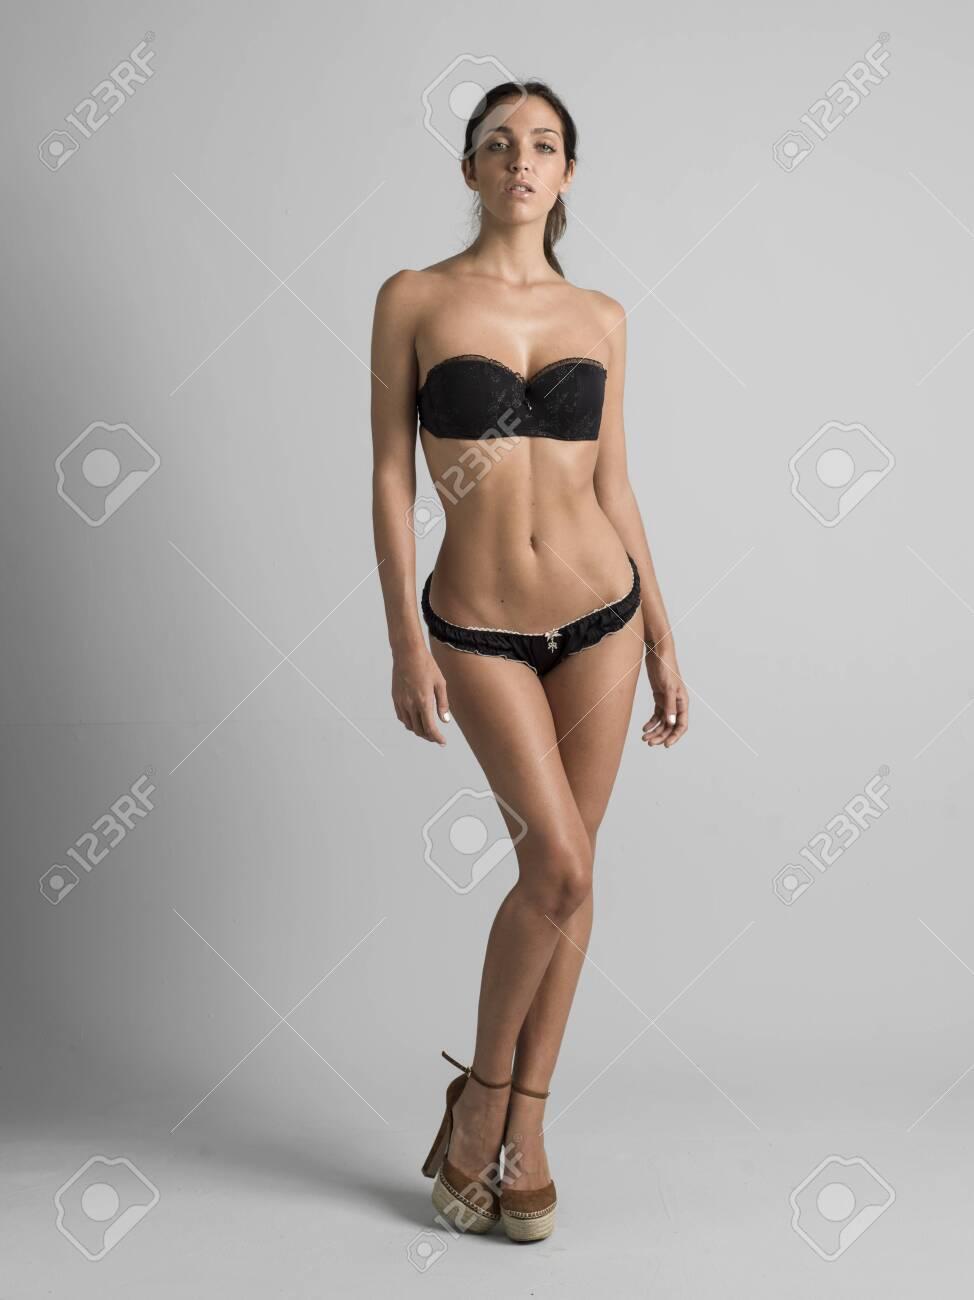 Sexy Mujer Joven Posando Para Una Agencia De Modelos En Lencería